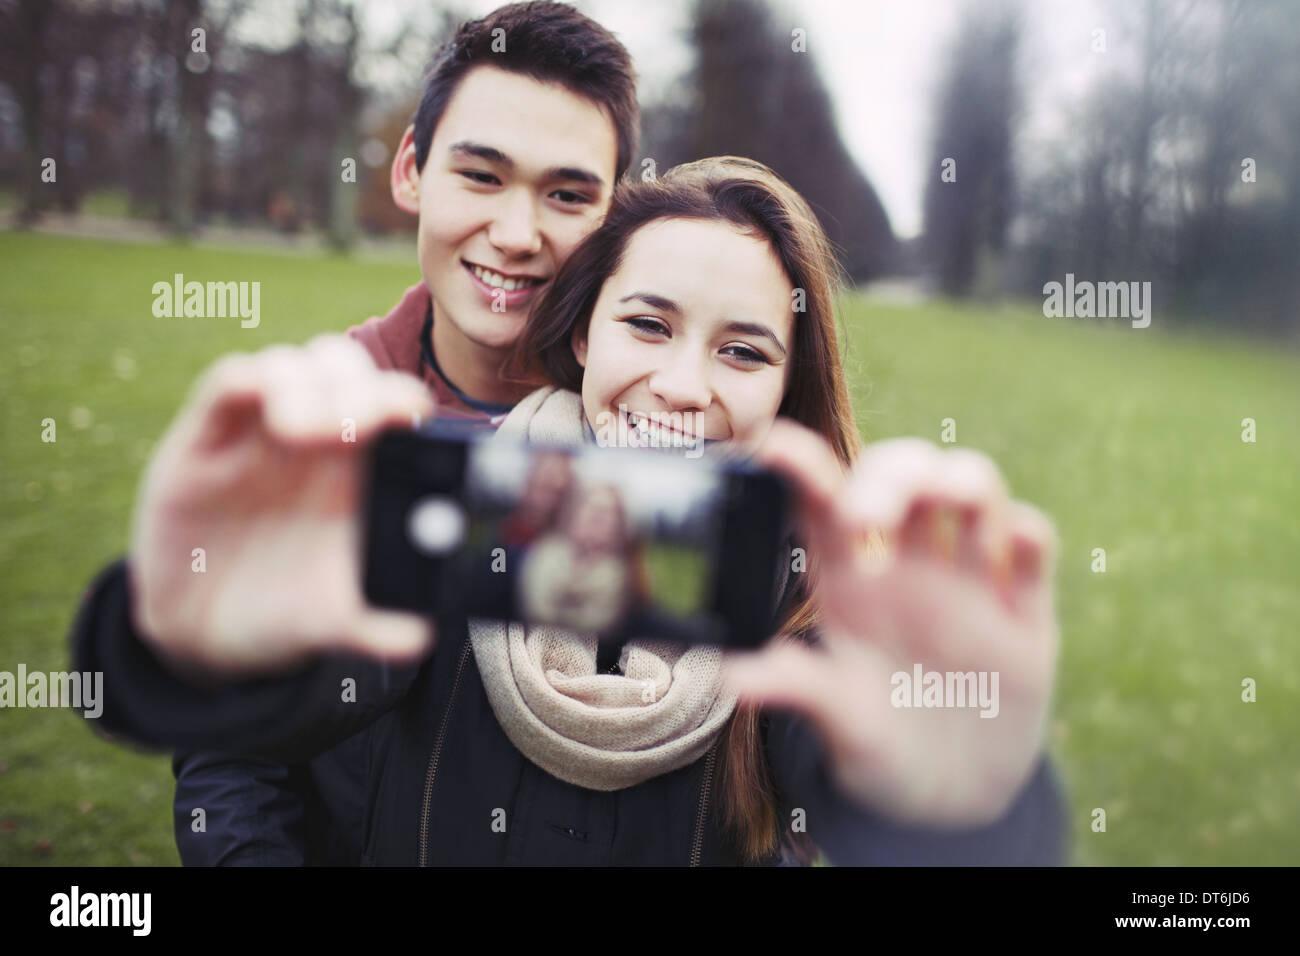 Coppia giovane cerca felice durante la ripresa di immagini utilizzando un telefono intelligente al parco. Ragazzo adolescente e ragazza innamorata di fotografare. Immagini Stock